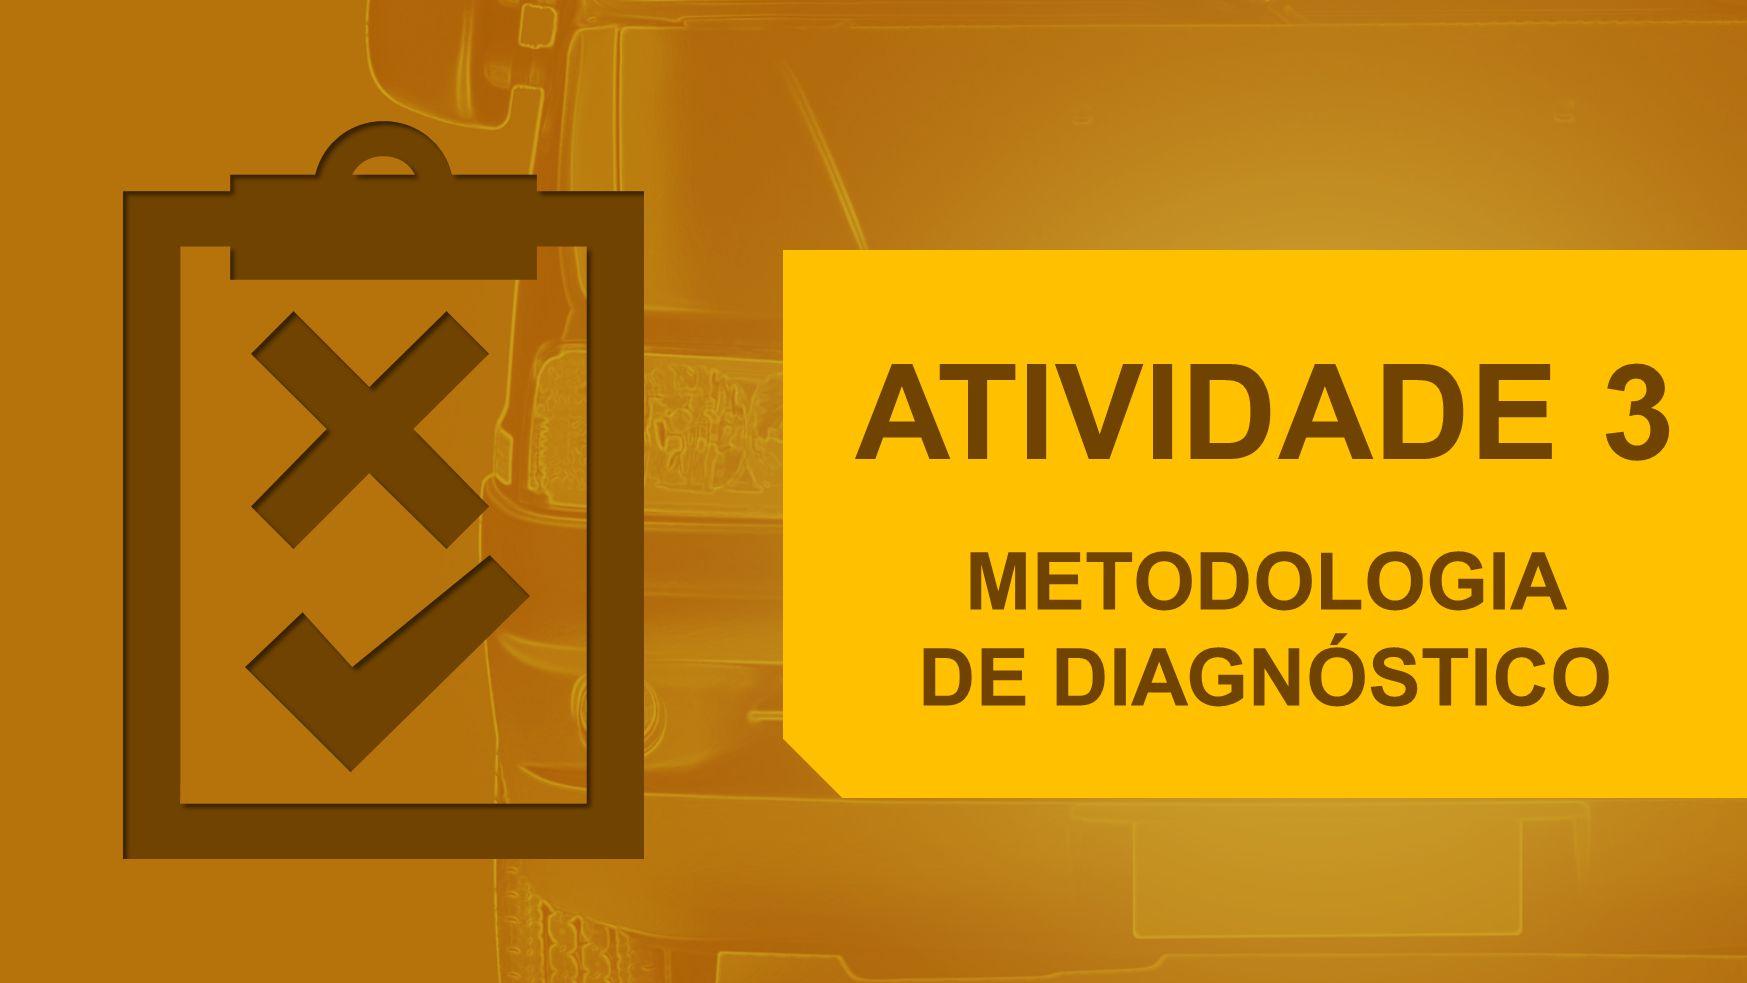 ATIVIDADE 3 METODOLOGIA DE DIAGNÓSTICO